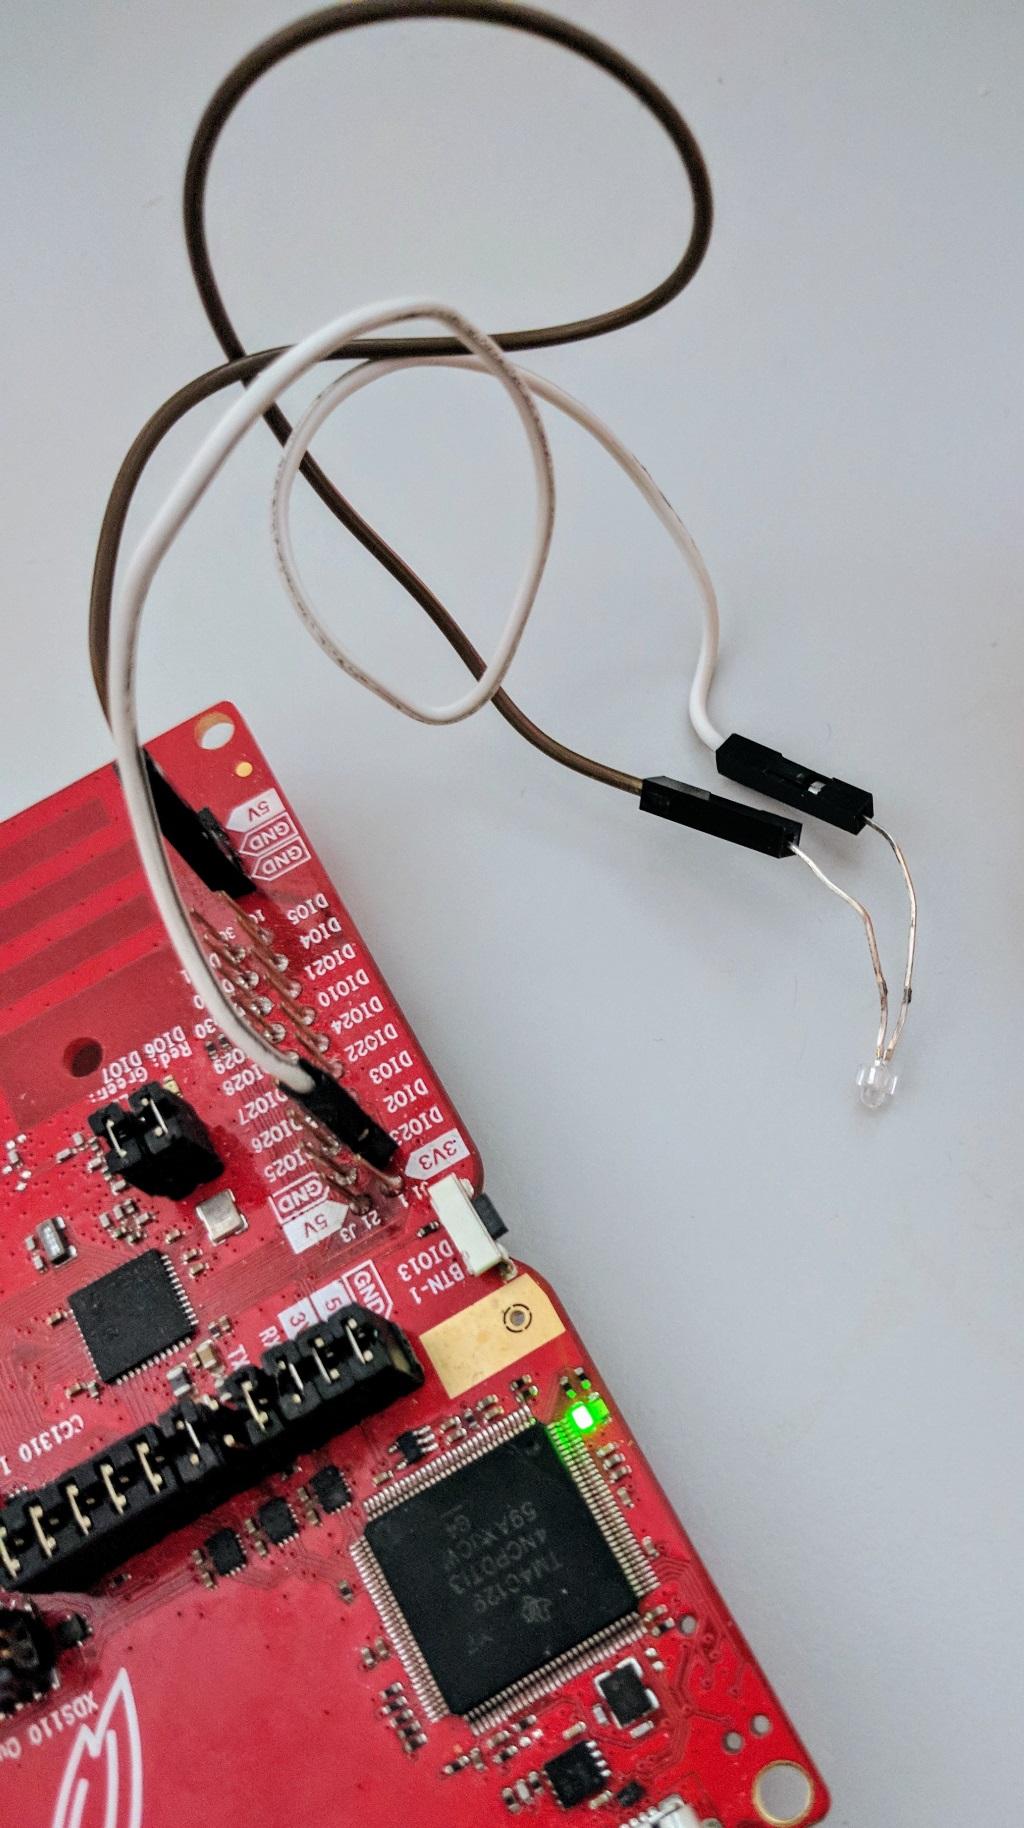 Une carte CC1310 / CC1350 Texas Instruments Launchpad contrôlant une LED